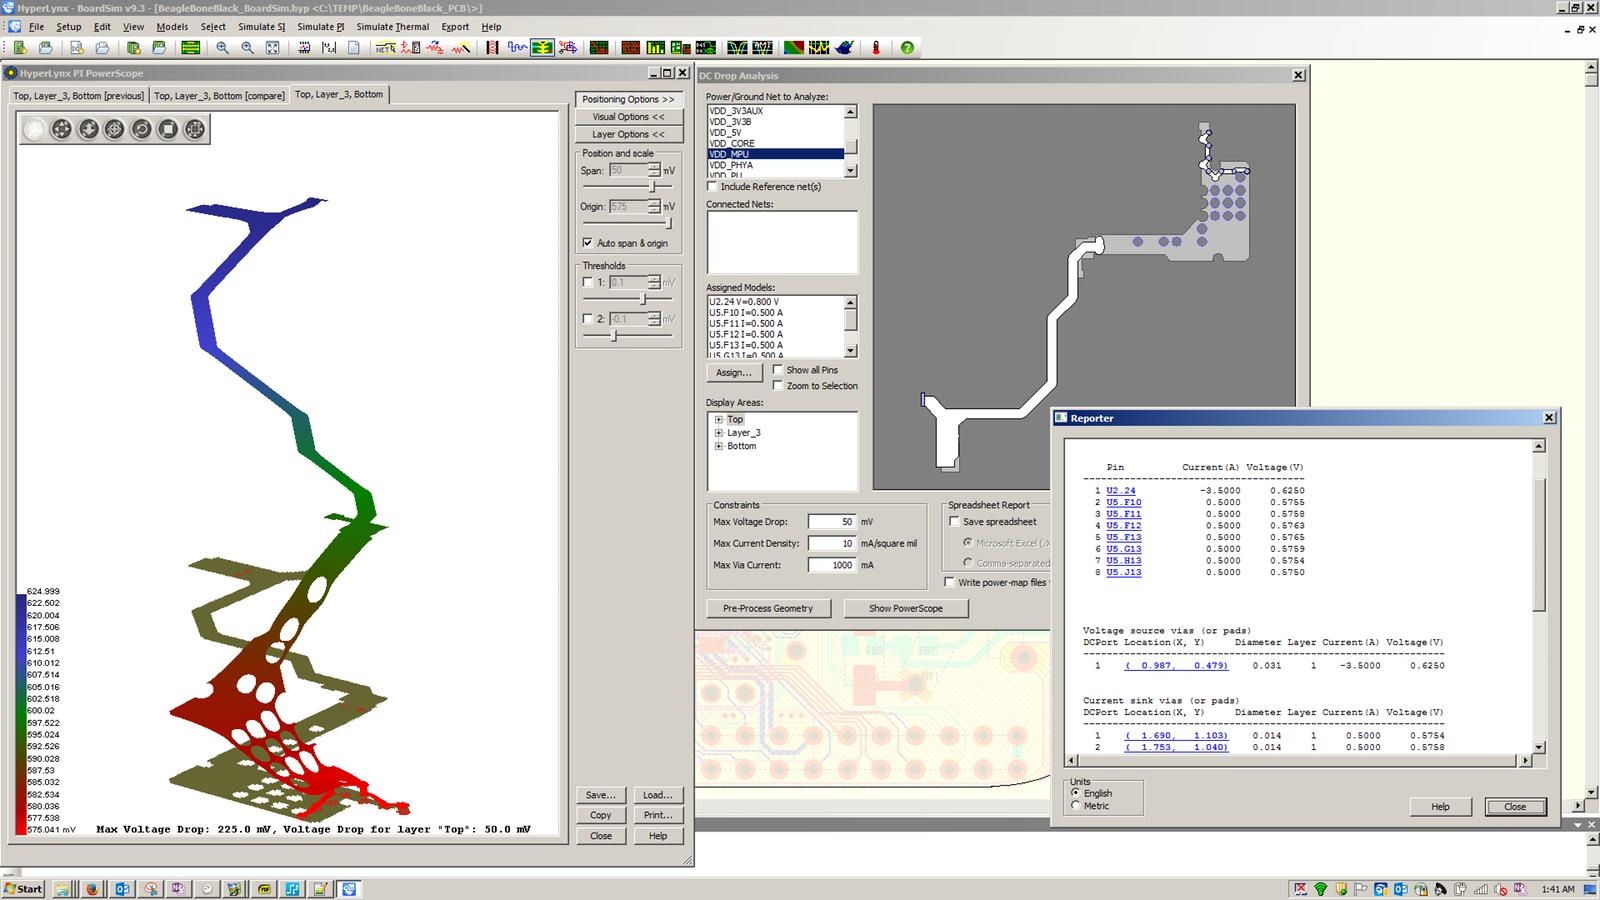 PADS HyperLynx DC Drop позволяет найти проблемы связанные с падением напряжения в цепях питания